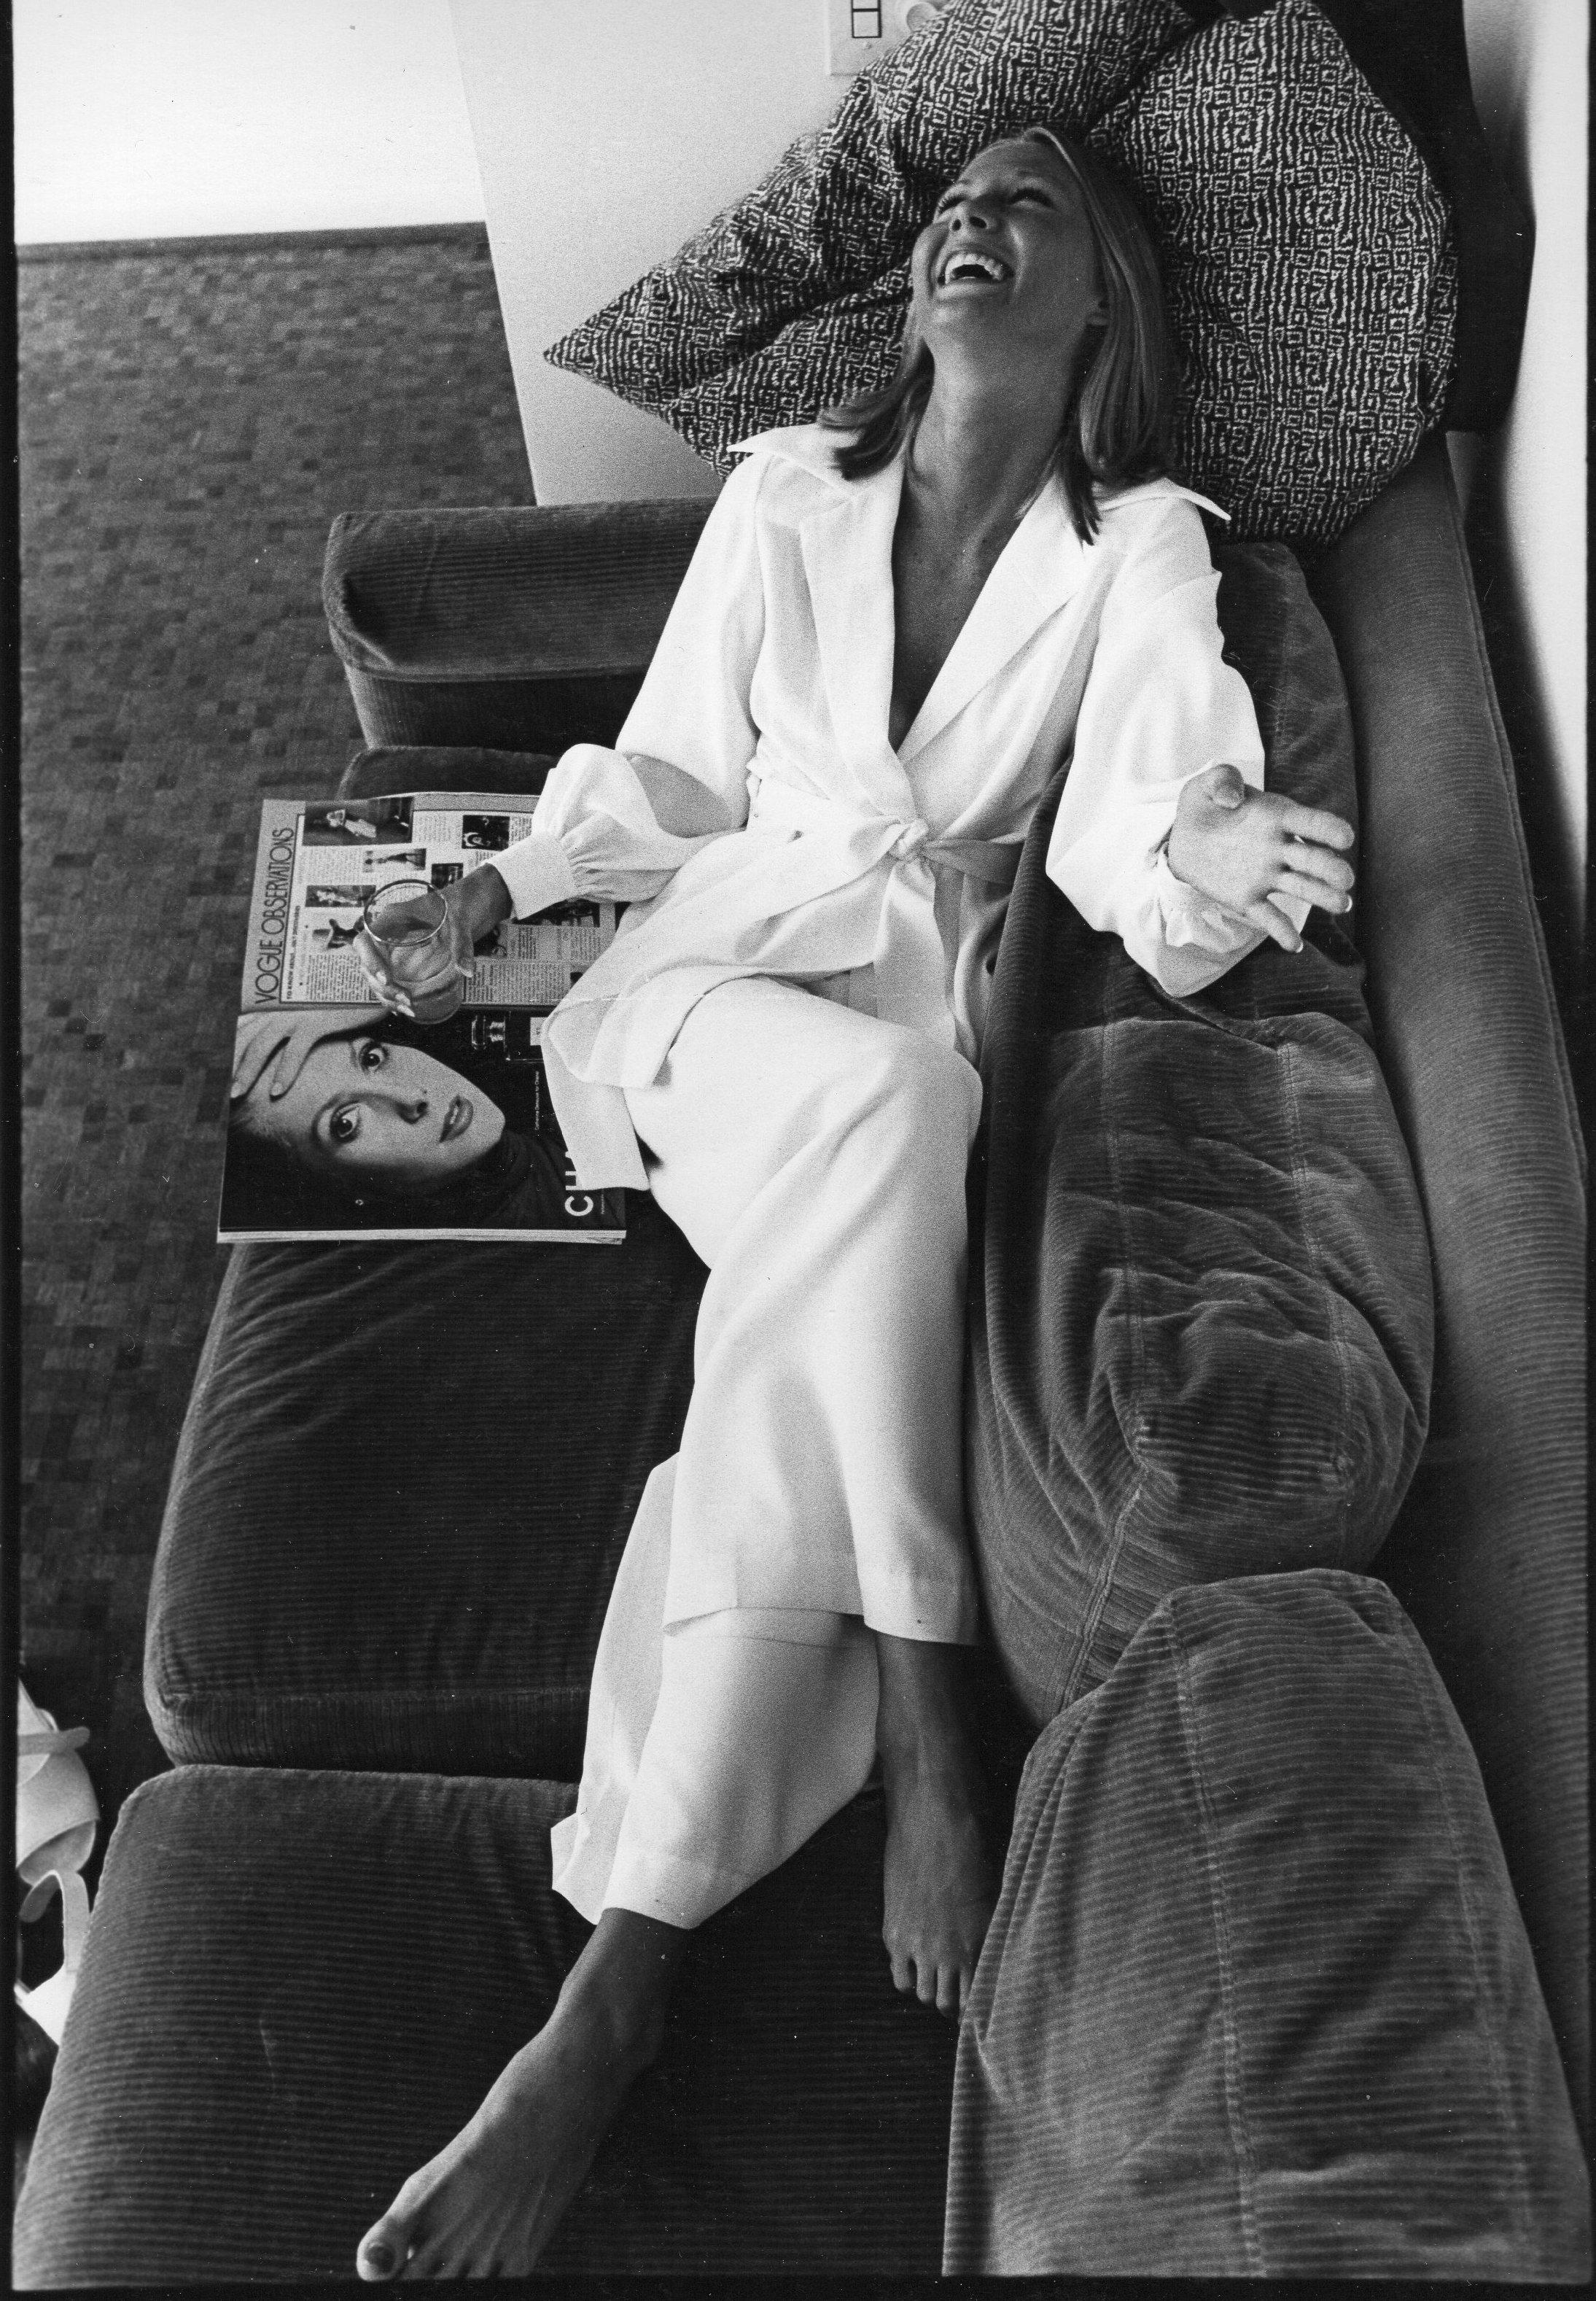 Mark Treitel image on couch 1974.jpg